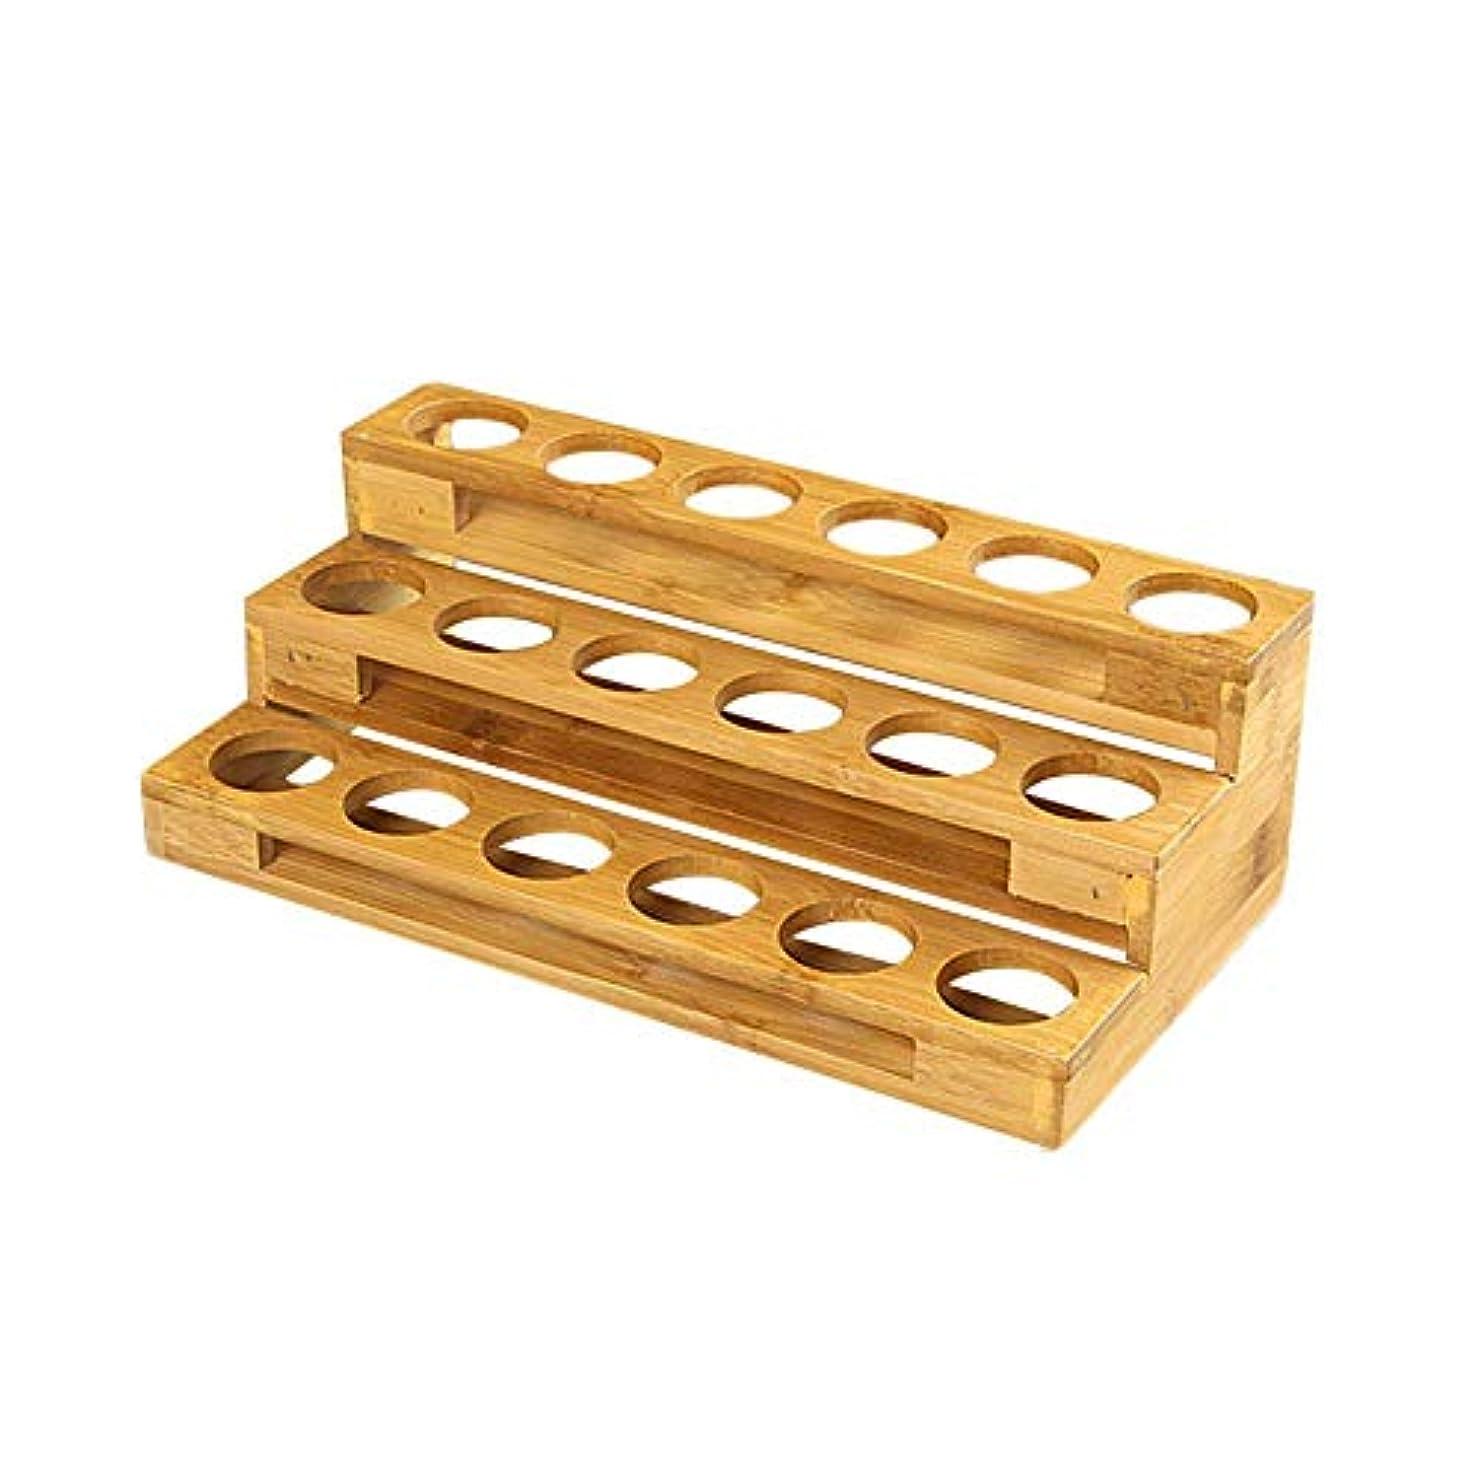 受け皿寮見るエッセンシャルオイル収納ボックス 自然木製 エッセンシャルオイルオイル 収納 ボックス 香水収納ケース はしごタイプ アロマオイル収納ボックス 18本用